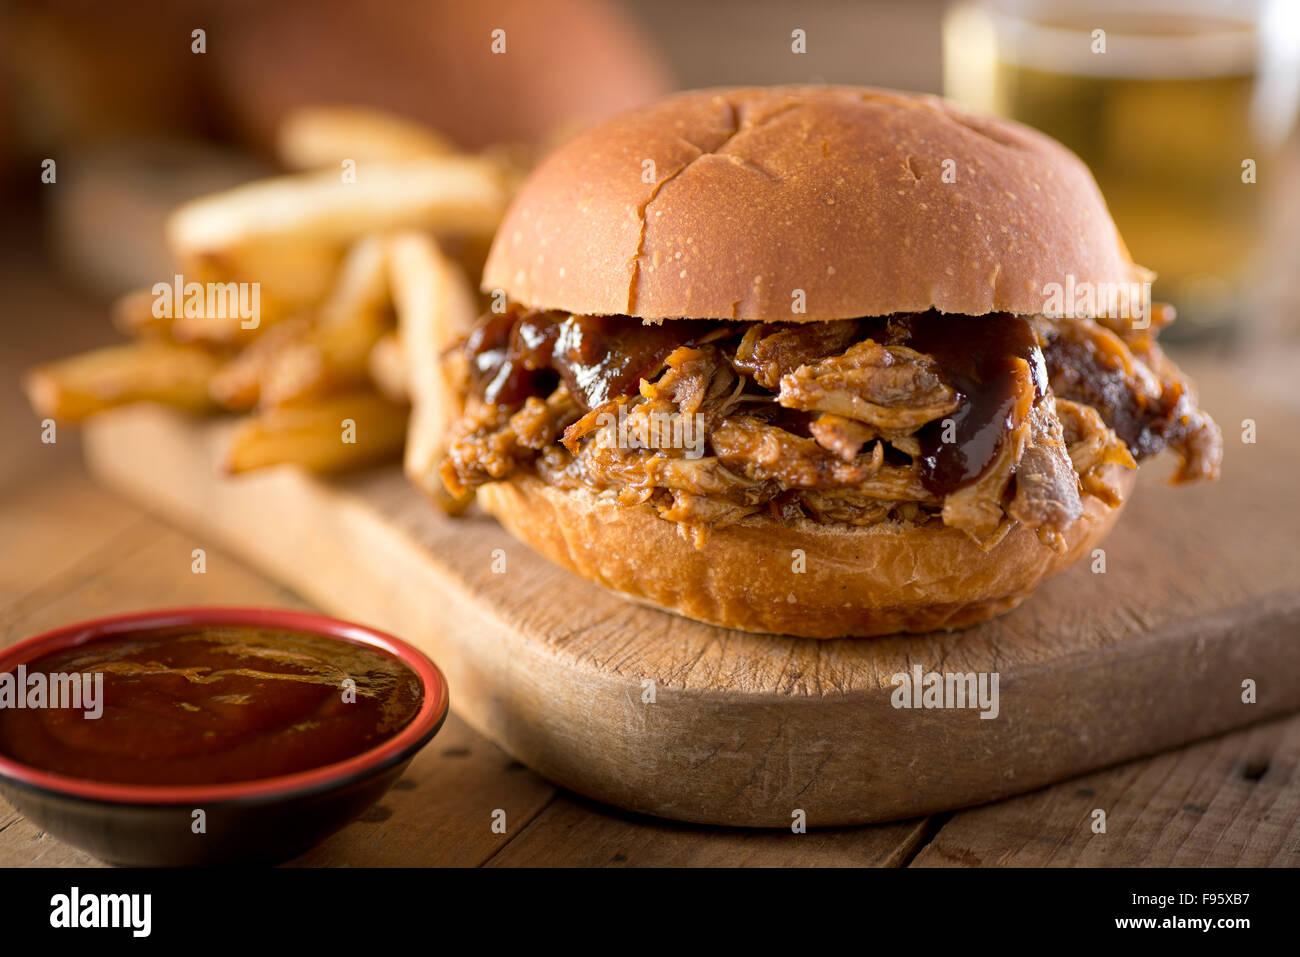 Eine köstliche gezogener Schweinesandwich mit Barbecue-Sauce auf einem Brötchen. Stockbild